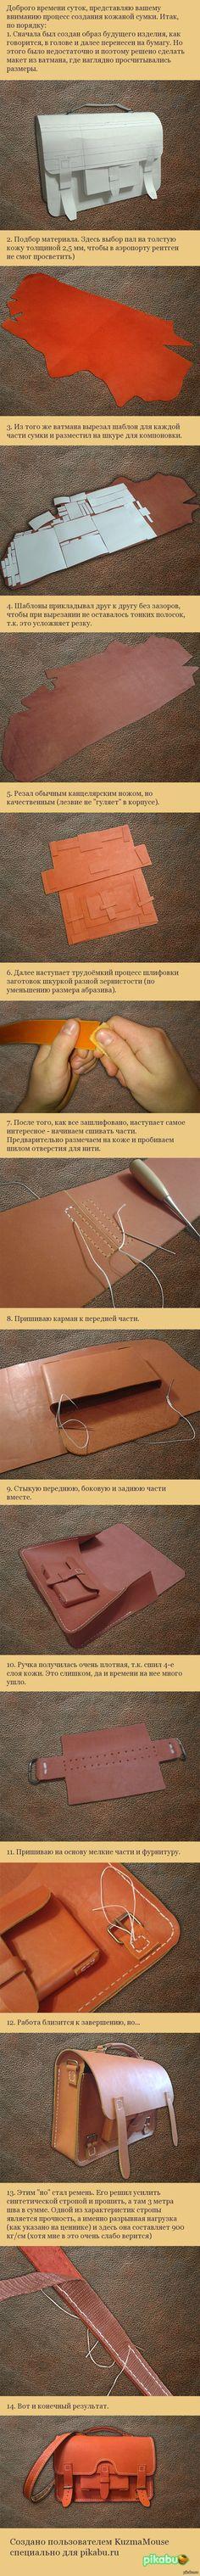 Процесс создания кожаной сумки   сумка, портфель, Своими руками, кожа, длиннопост